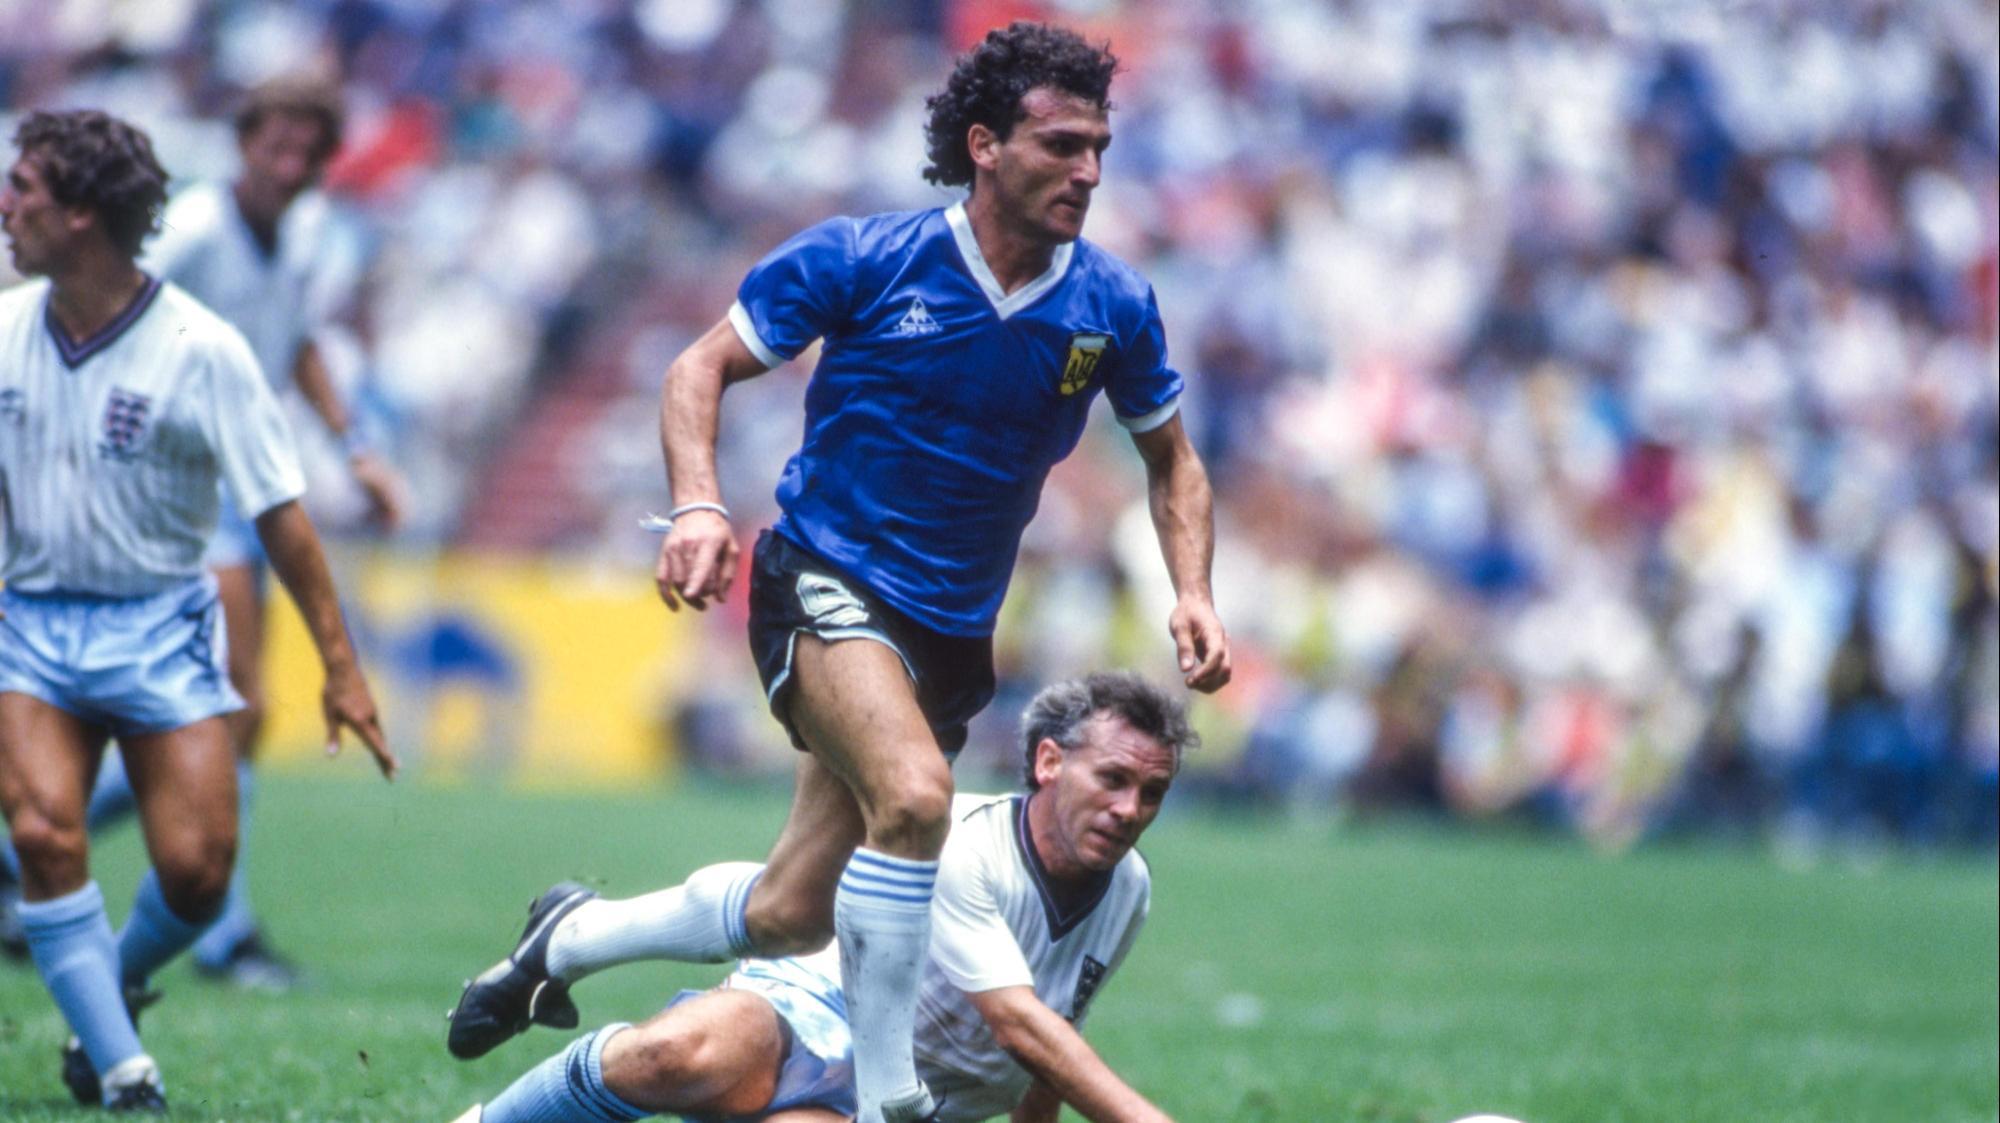 חוסה לואיס קוצ'ופו במדי נבחרת ארגנטינה, מונדיאל 1986. Michel Barrault / Onze, GettyImages